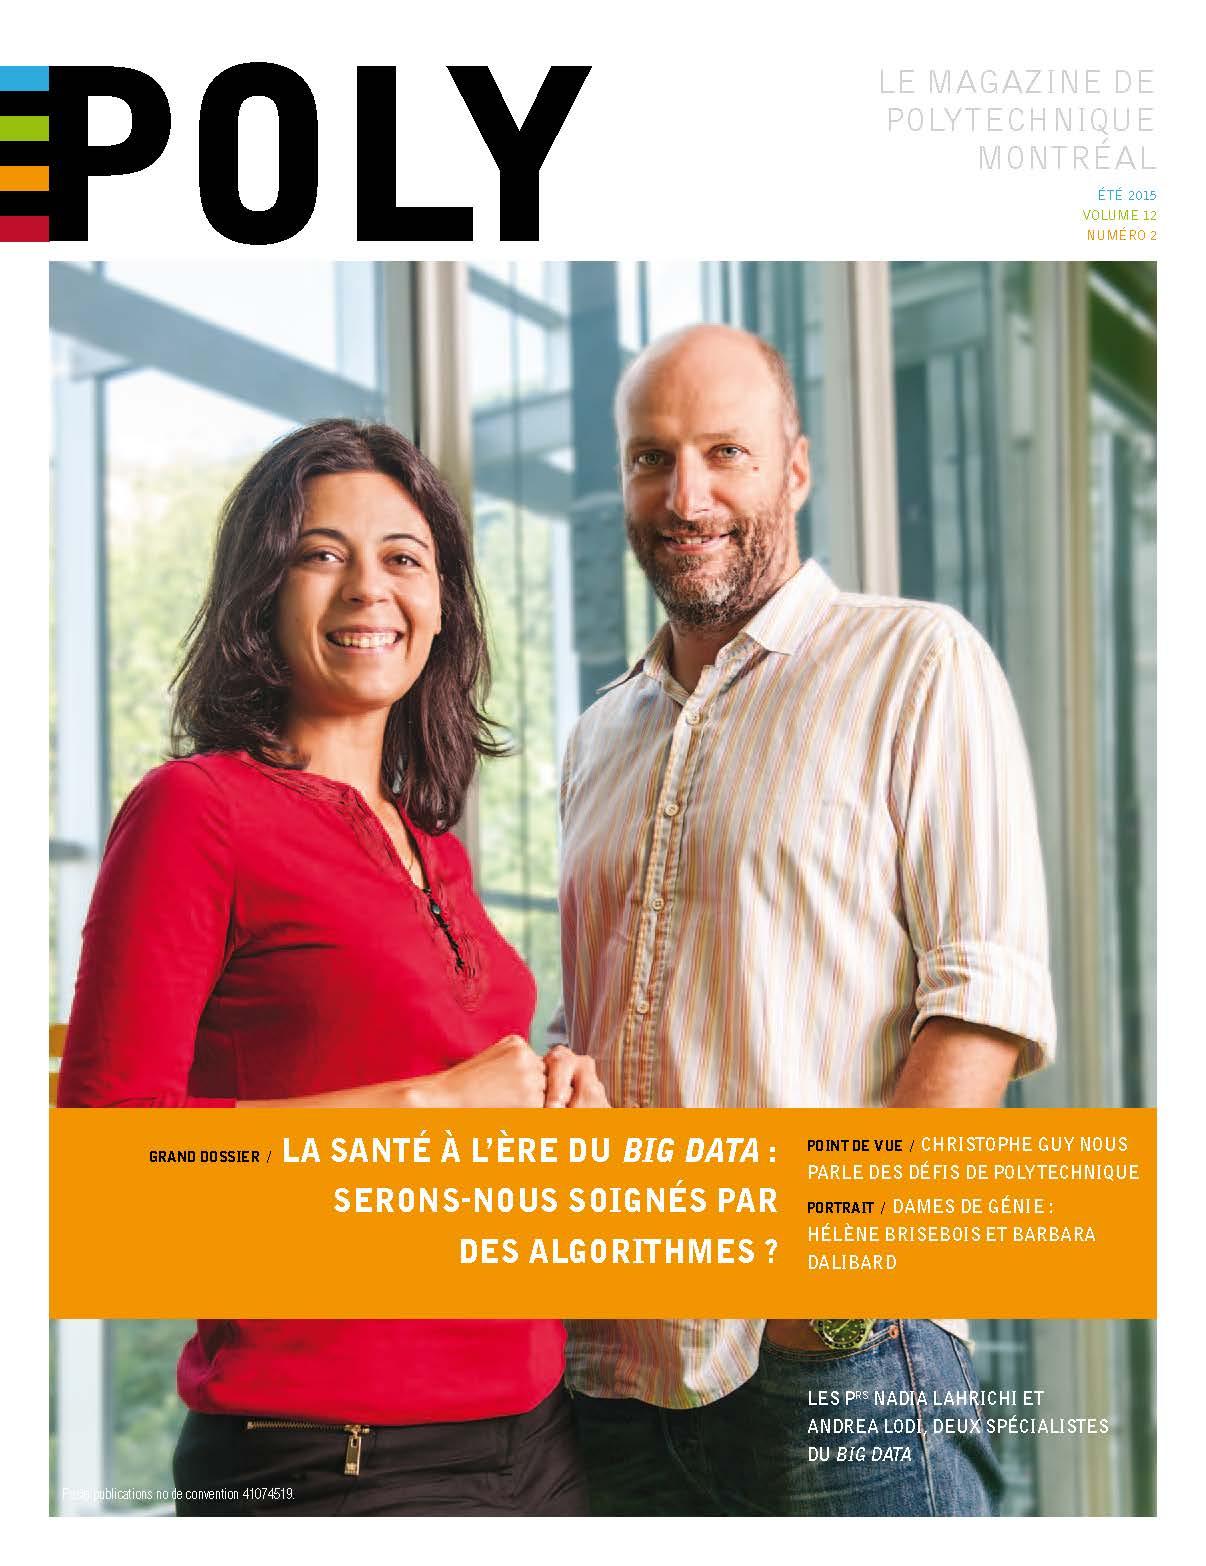 Page couverture - magazine Poly - été 2015